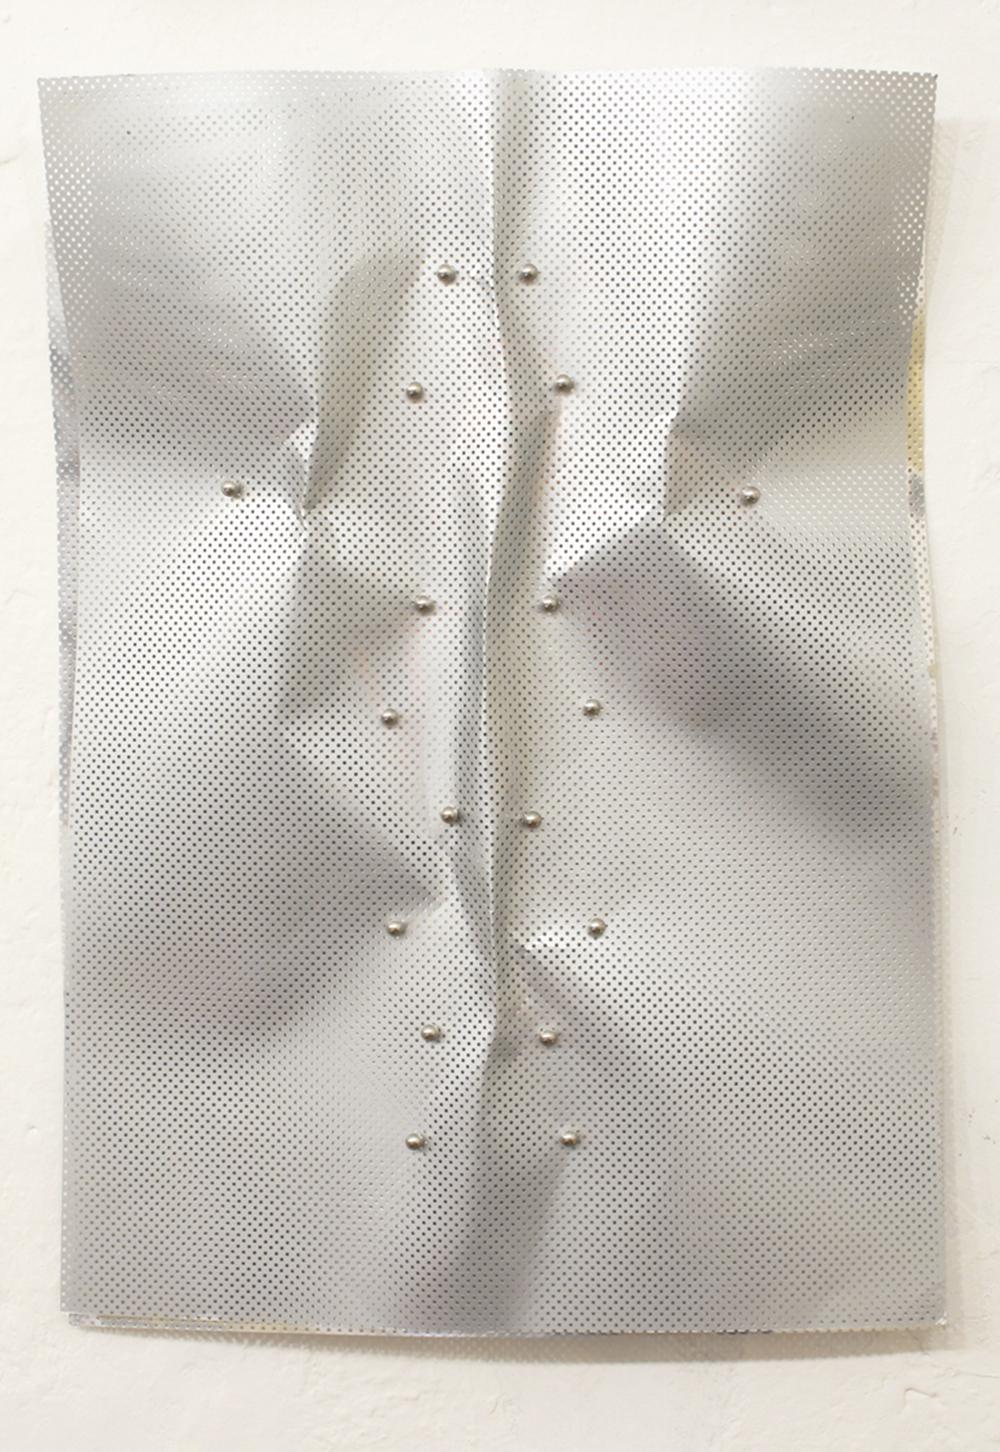 Gianni Moretti, Esercizi di misurazione della breve media e lunga distanza, 2011, carte e magneti, cm 70x50